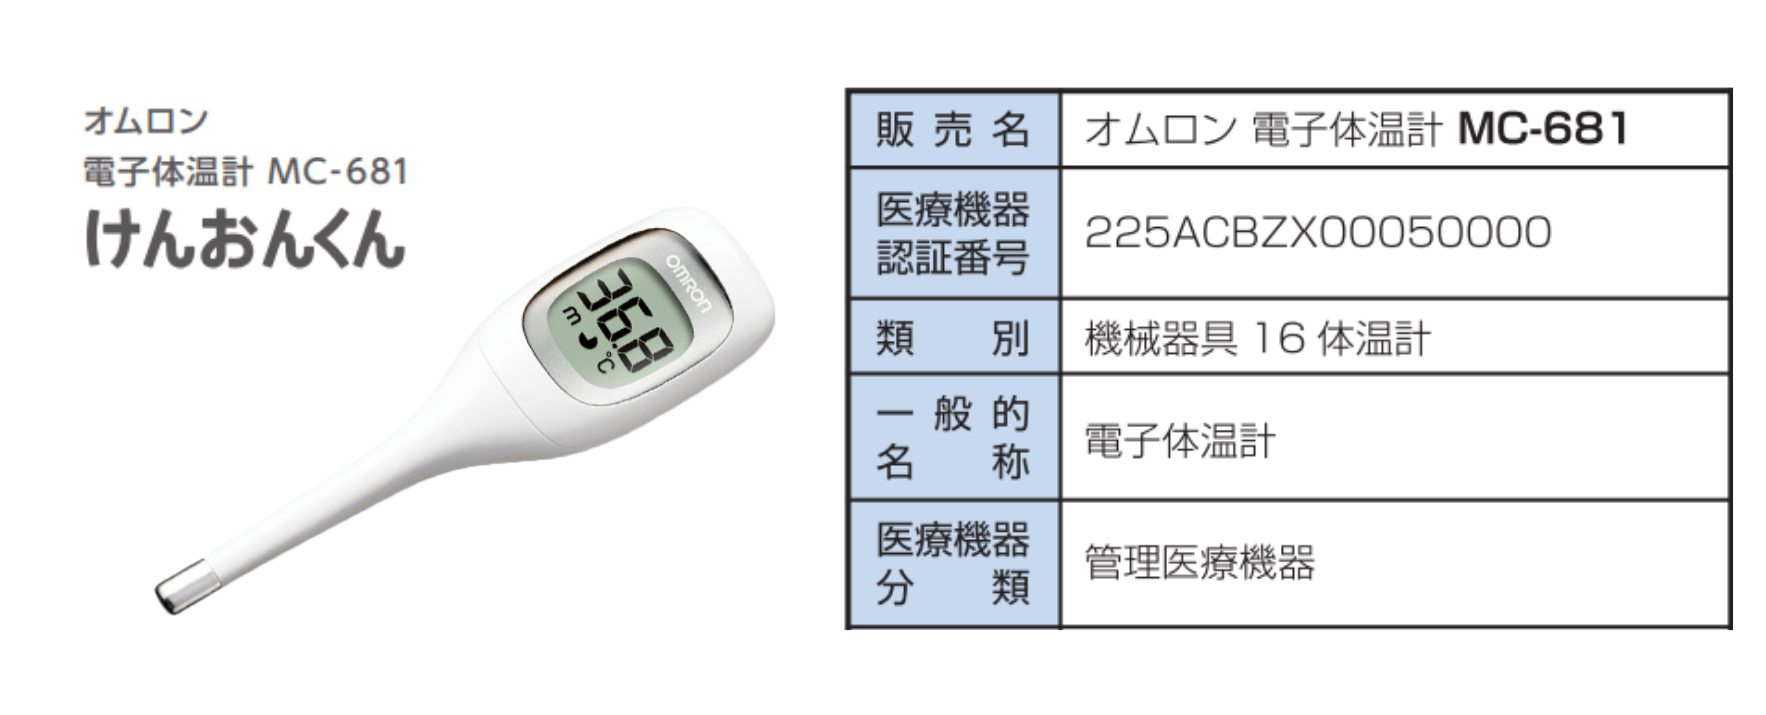 医療機器としての体温計を紹介